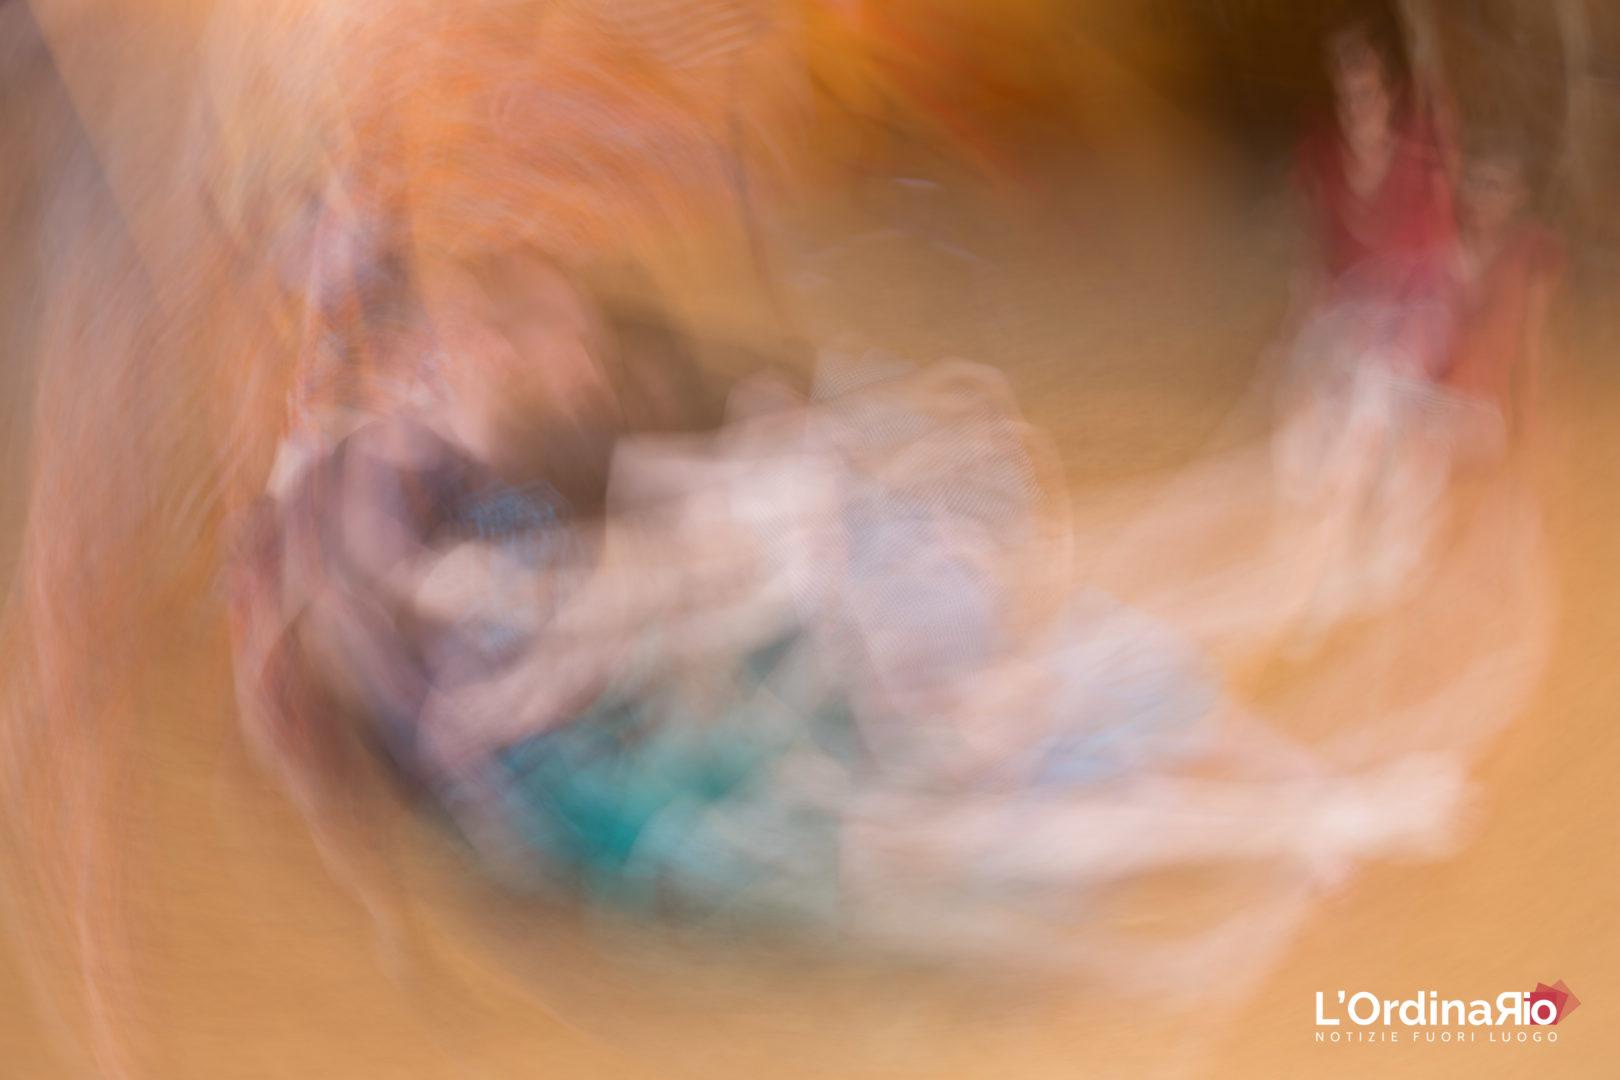 Contact improvisation, come si balla senza regole? La nostra esperienza di una danza che basa tutto sulle sensazioni